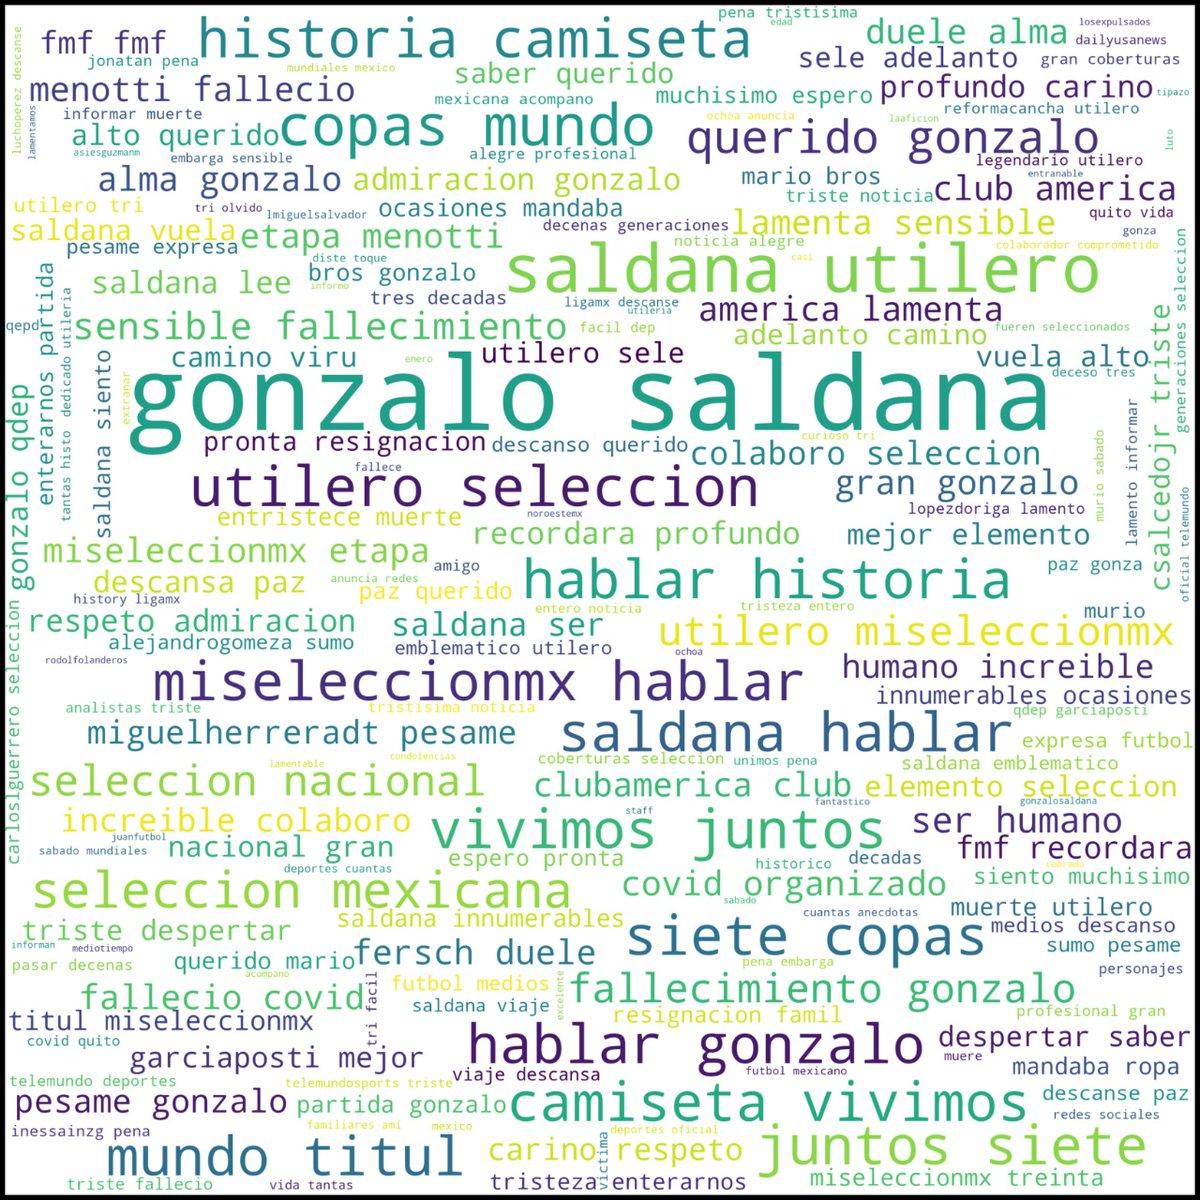 Gonzalo Saldaña, utilero de @miseleccionmx por 28 años ha fallecido. #QEPD  Realizamos #datamining, análisis de palabras frecuentes y perfil horario de publicaciones a 500twits  Síguenos  #DataScience  #FelizDomingo #DataAnalytics